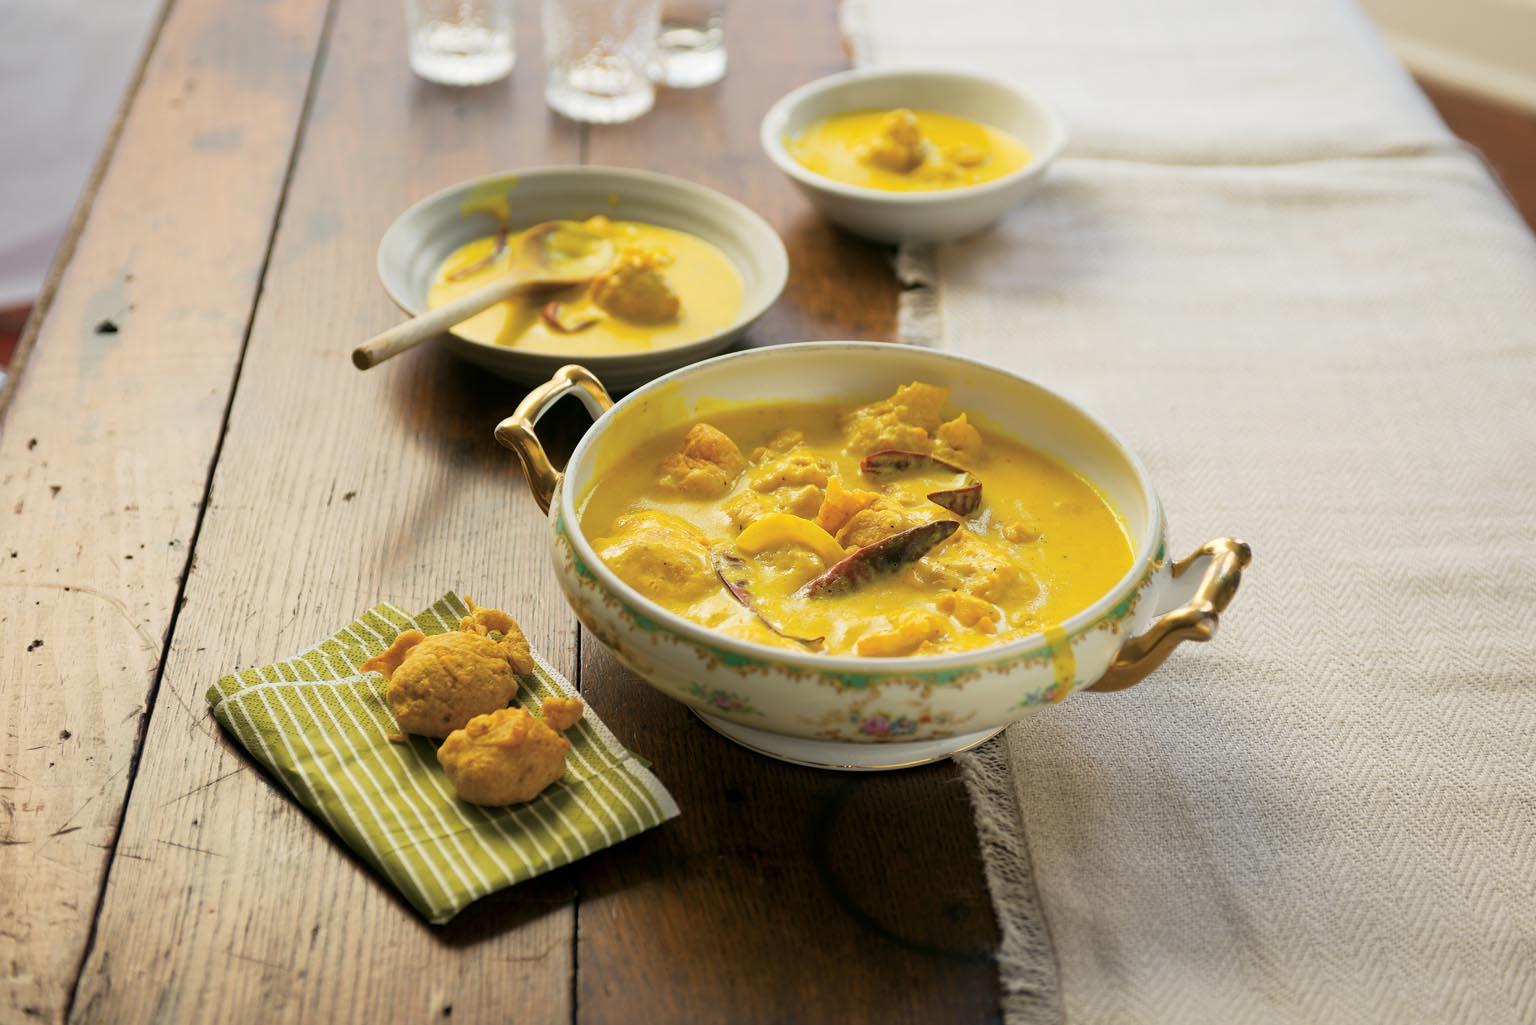 Punjabi Kadi Pakoras (Spiced Yogurt Gravy with Dumplings)